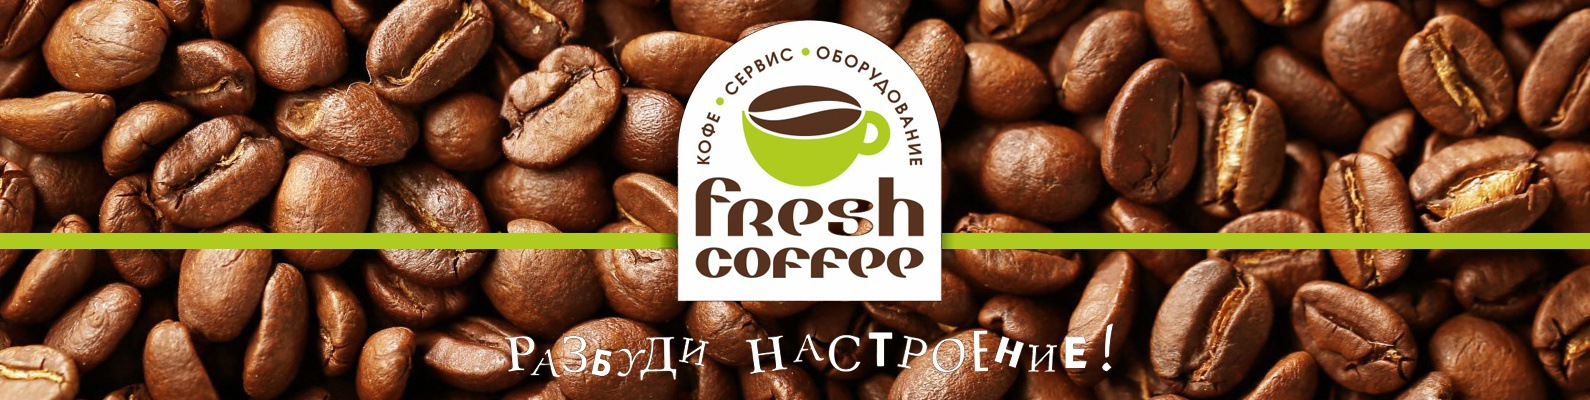 Свежеобжаренный кофе в зернах москва инстаграм